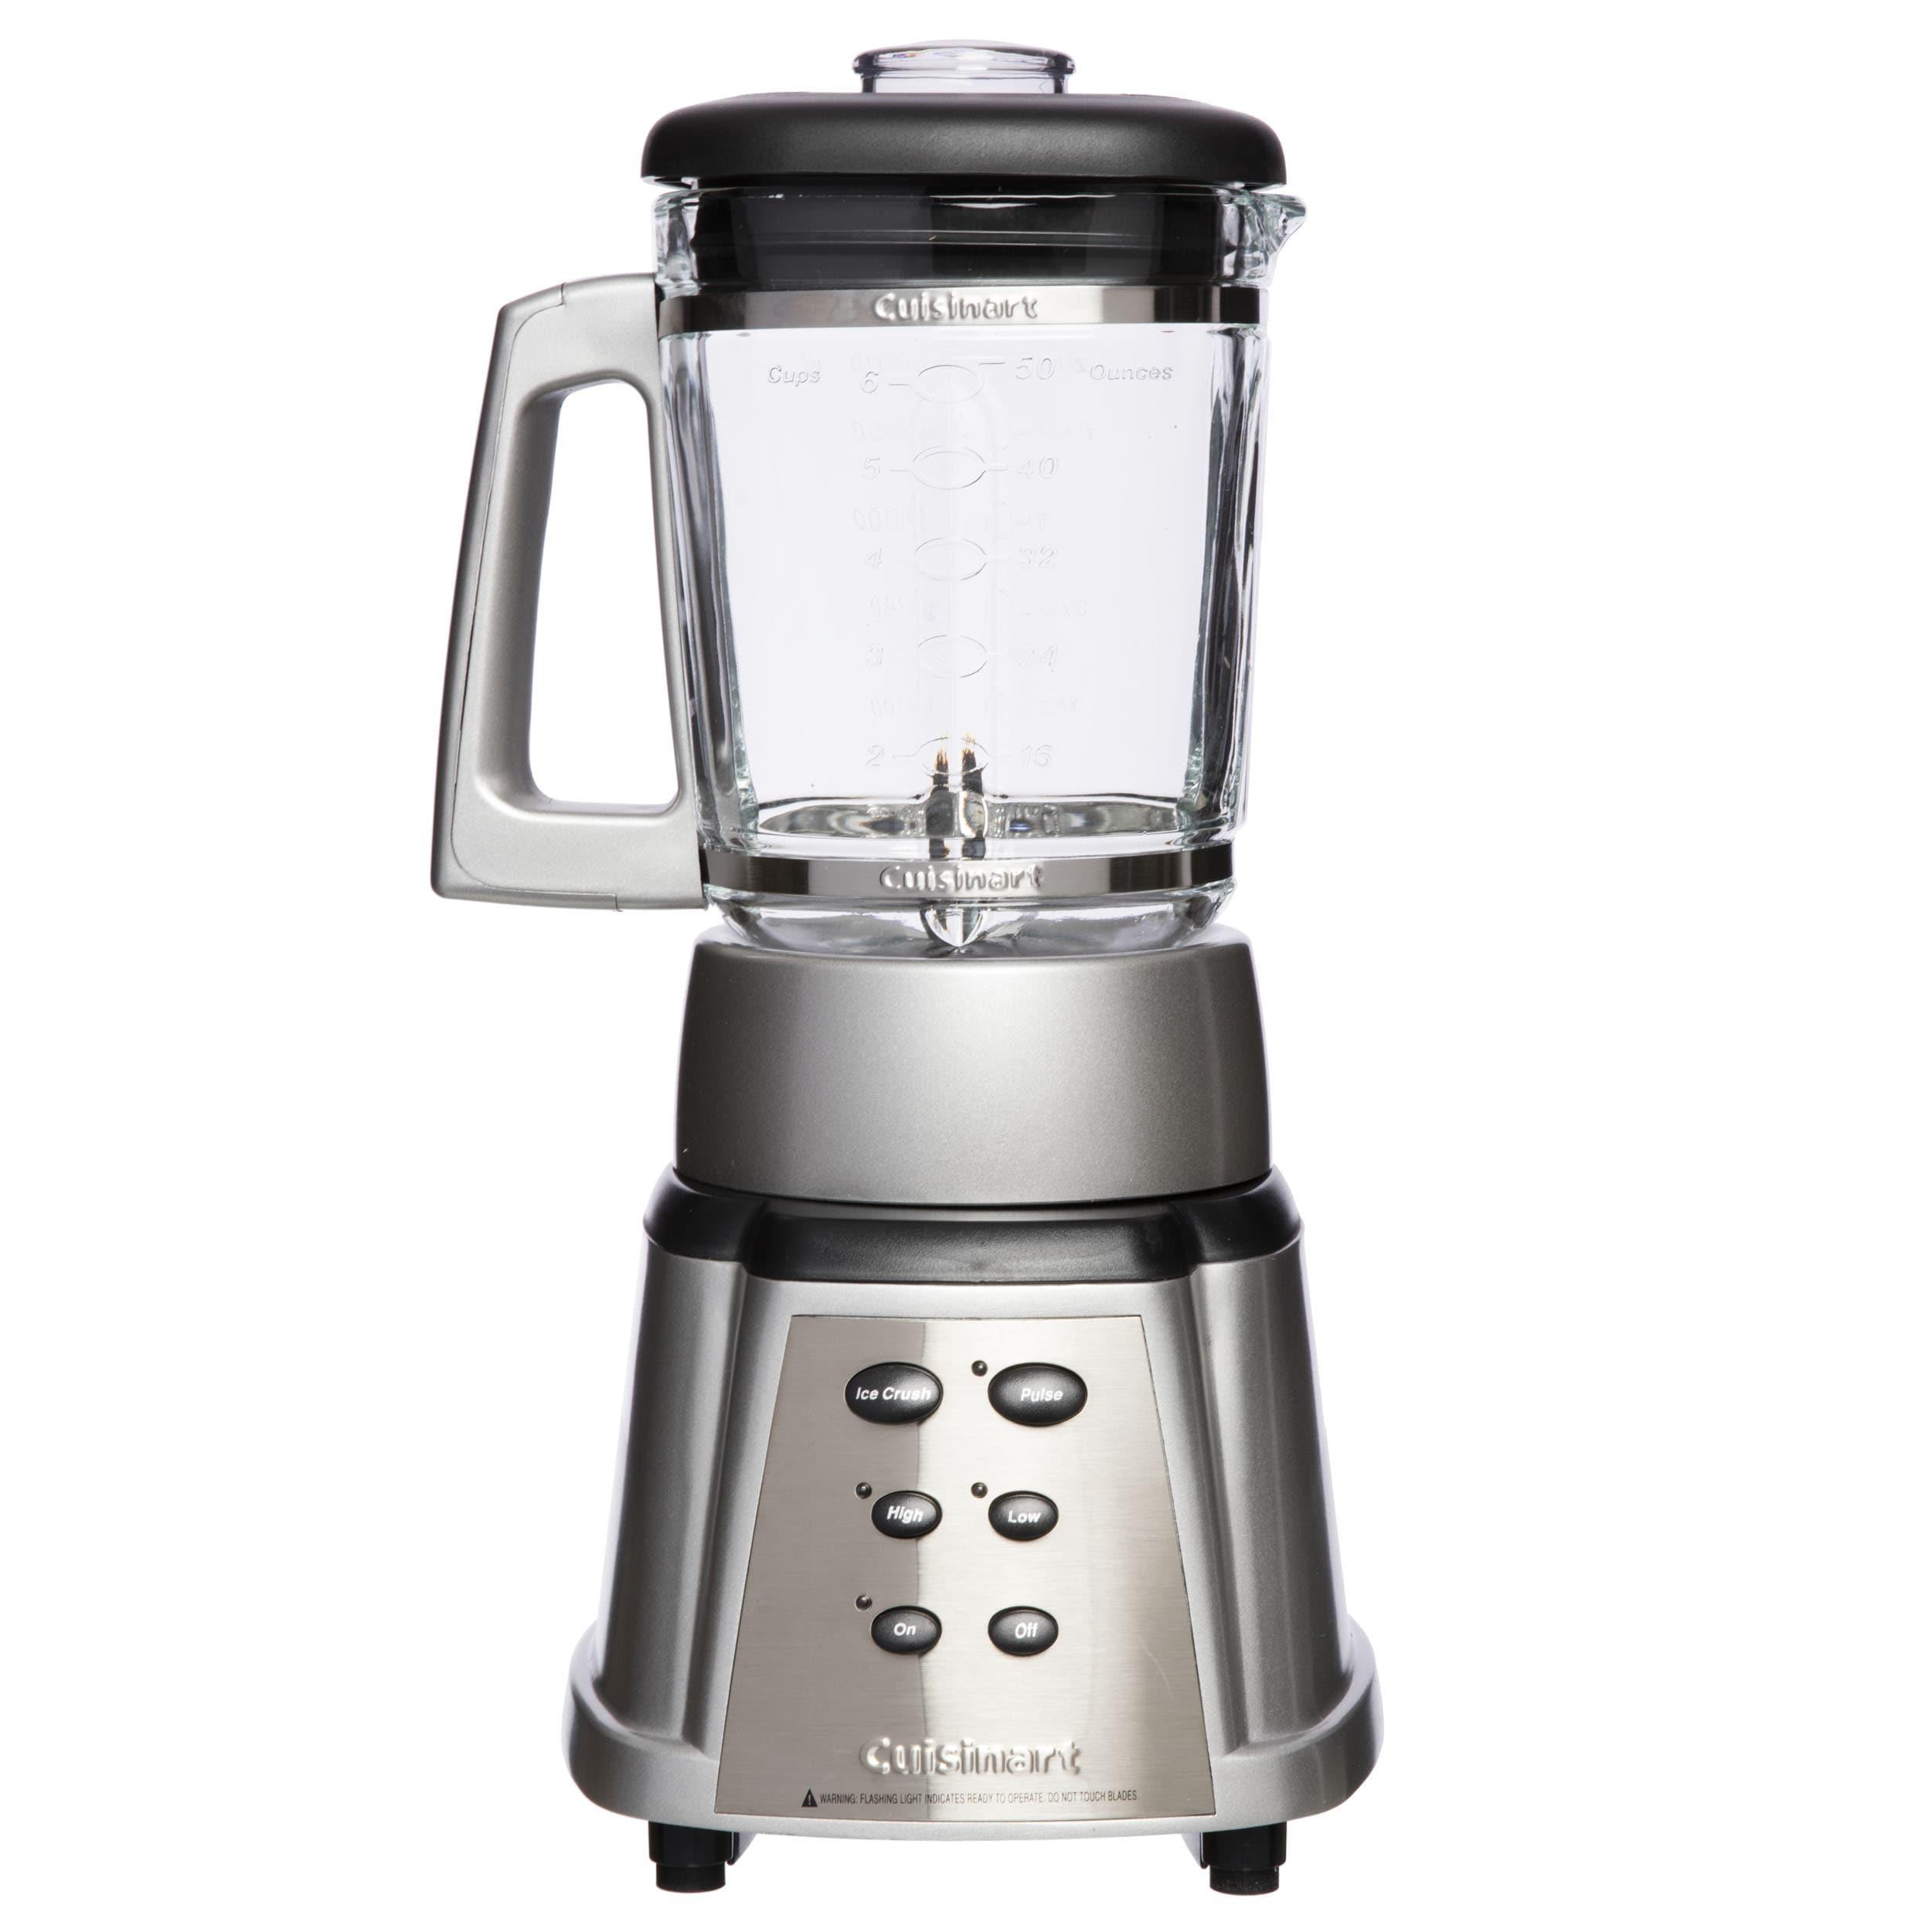 Cuisinart Blender - 600 Watts, 50 Ounce